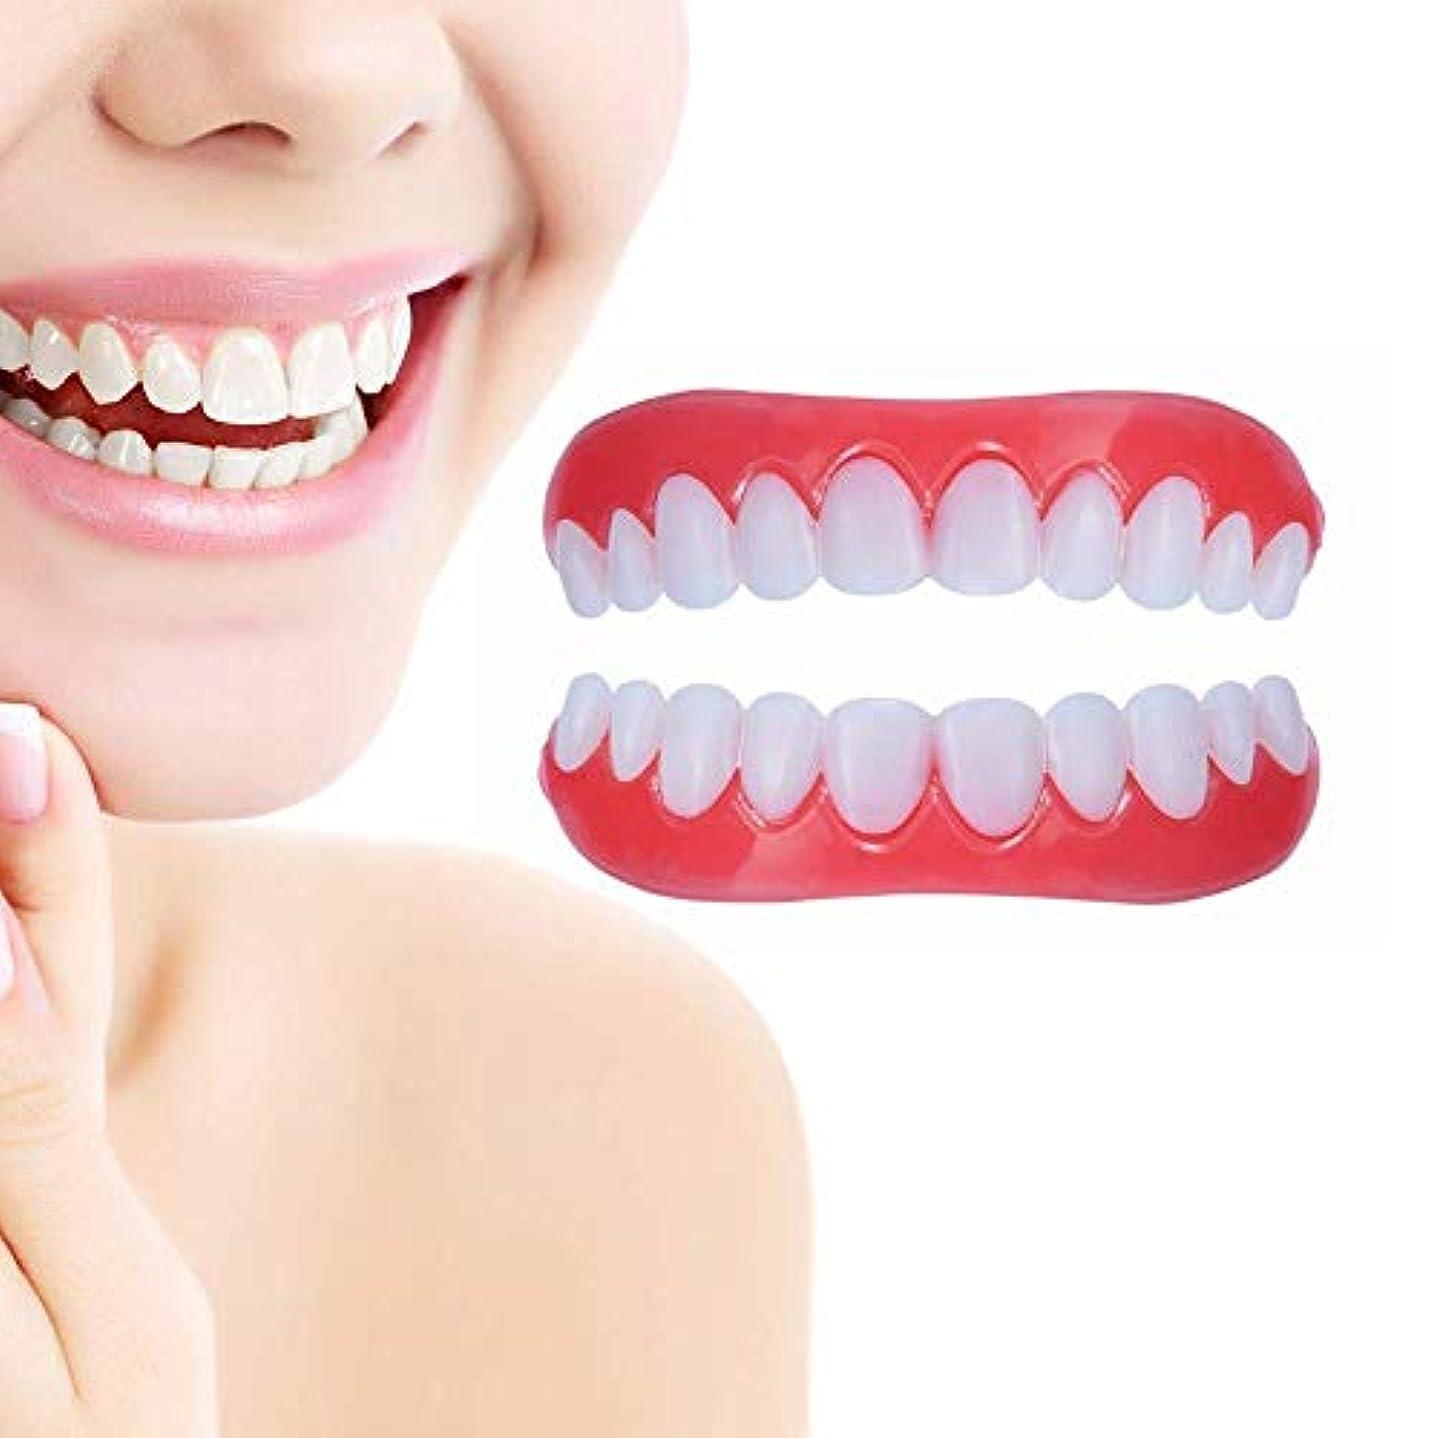 中間カスタムリッチ仮装用義歯義歯用化粧品シミュレートされたブレース上部ブレース+下部ブレース、ホワイトニング歯スナップキャップ,3pairs